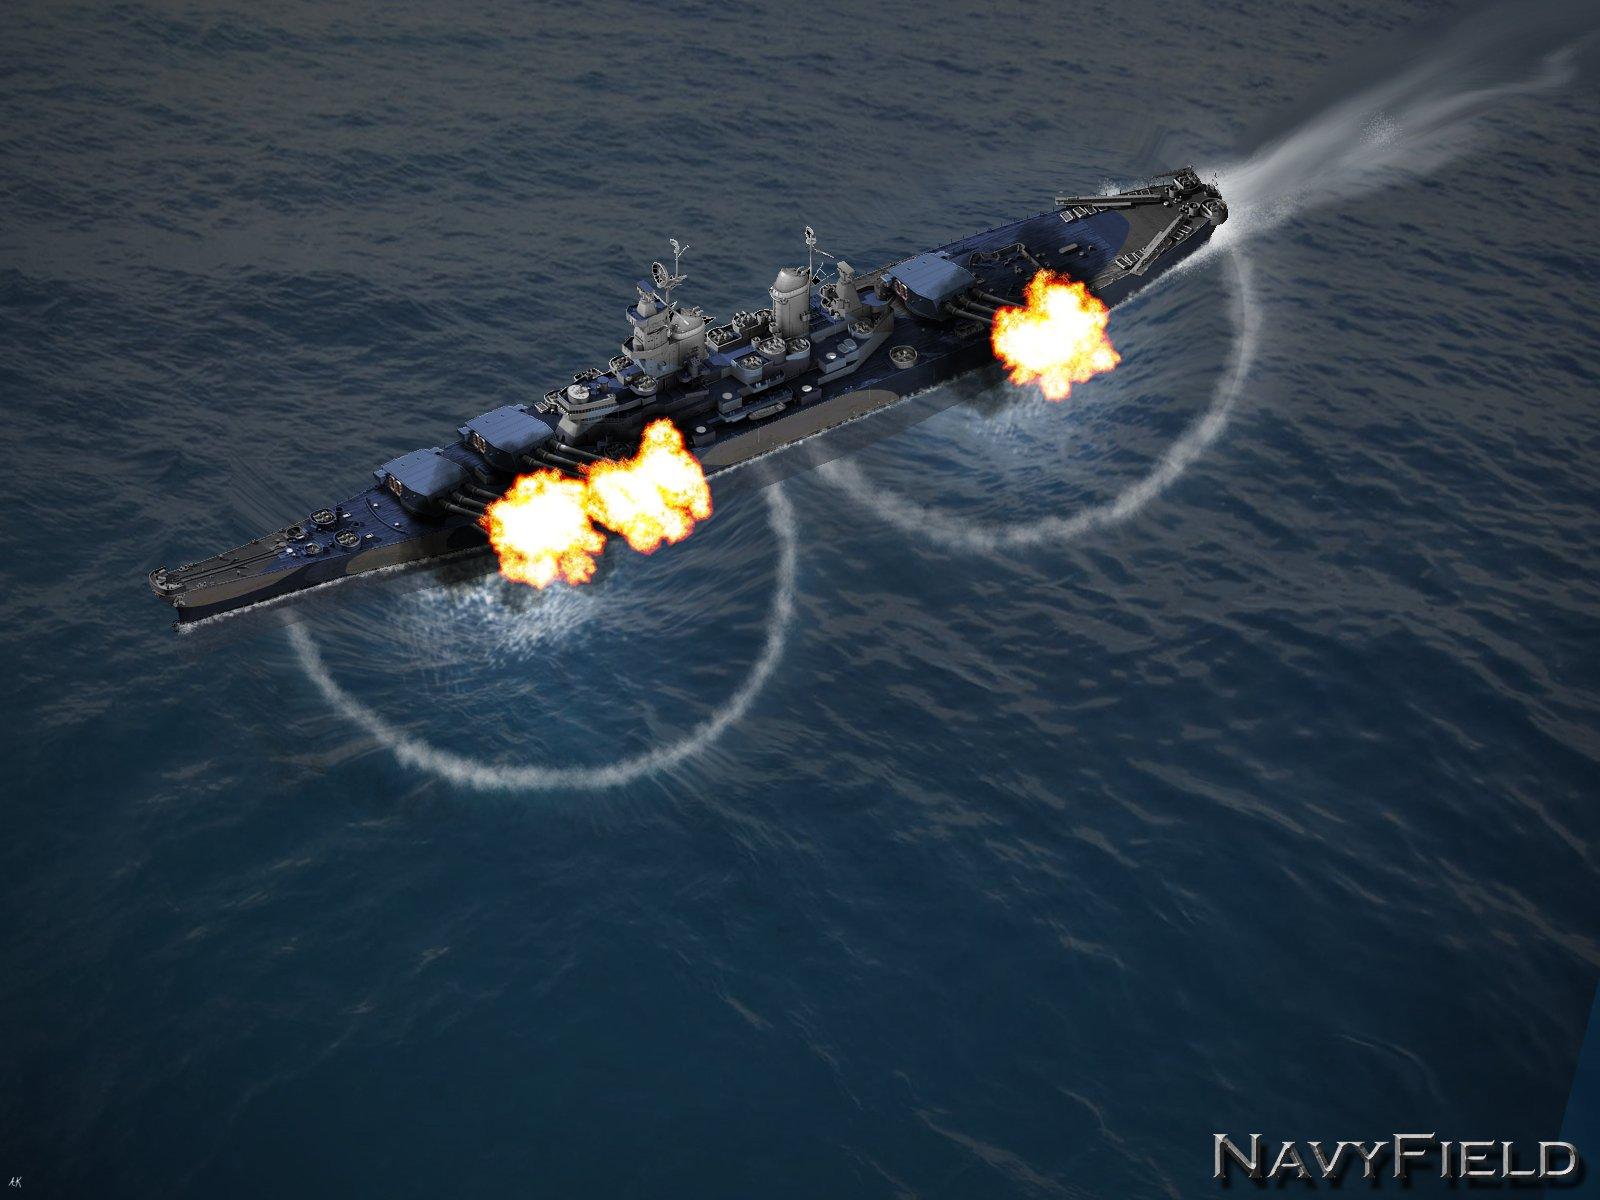 Администрация бесплатной многопользовательской онлайн-стратегии Navy Field сообщила о предстоящих турнирах на выходн ... - Изображение 1